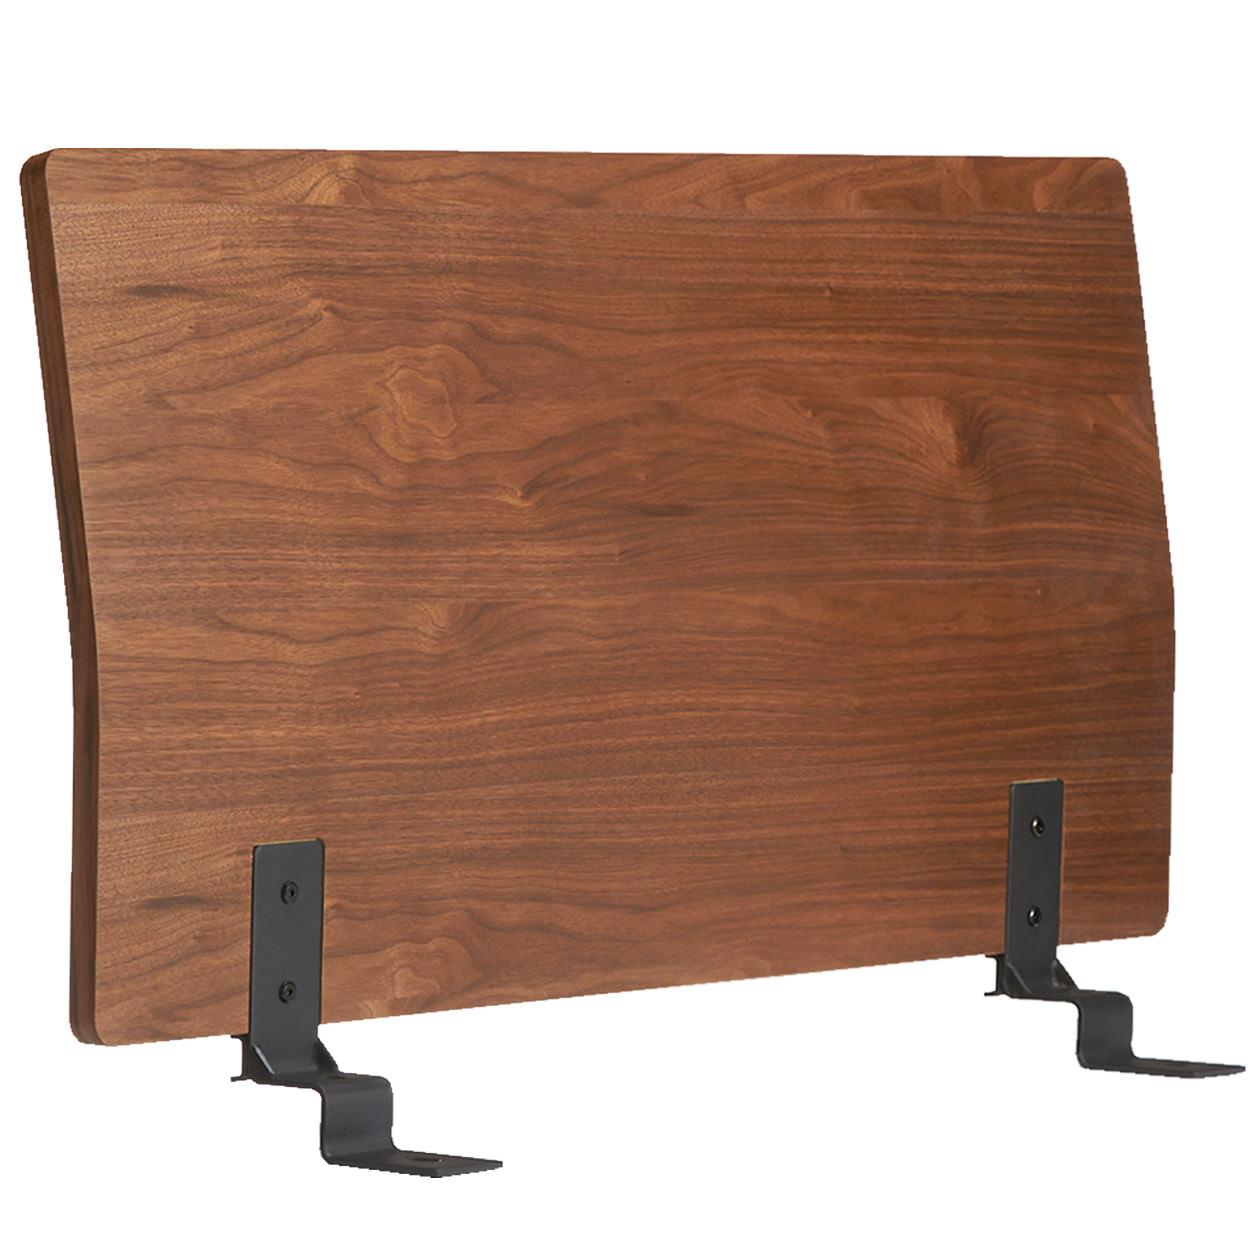 ベッドフレーム用ヘッドボード・シングル・ウォールナット材の写真